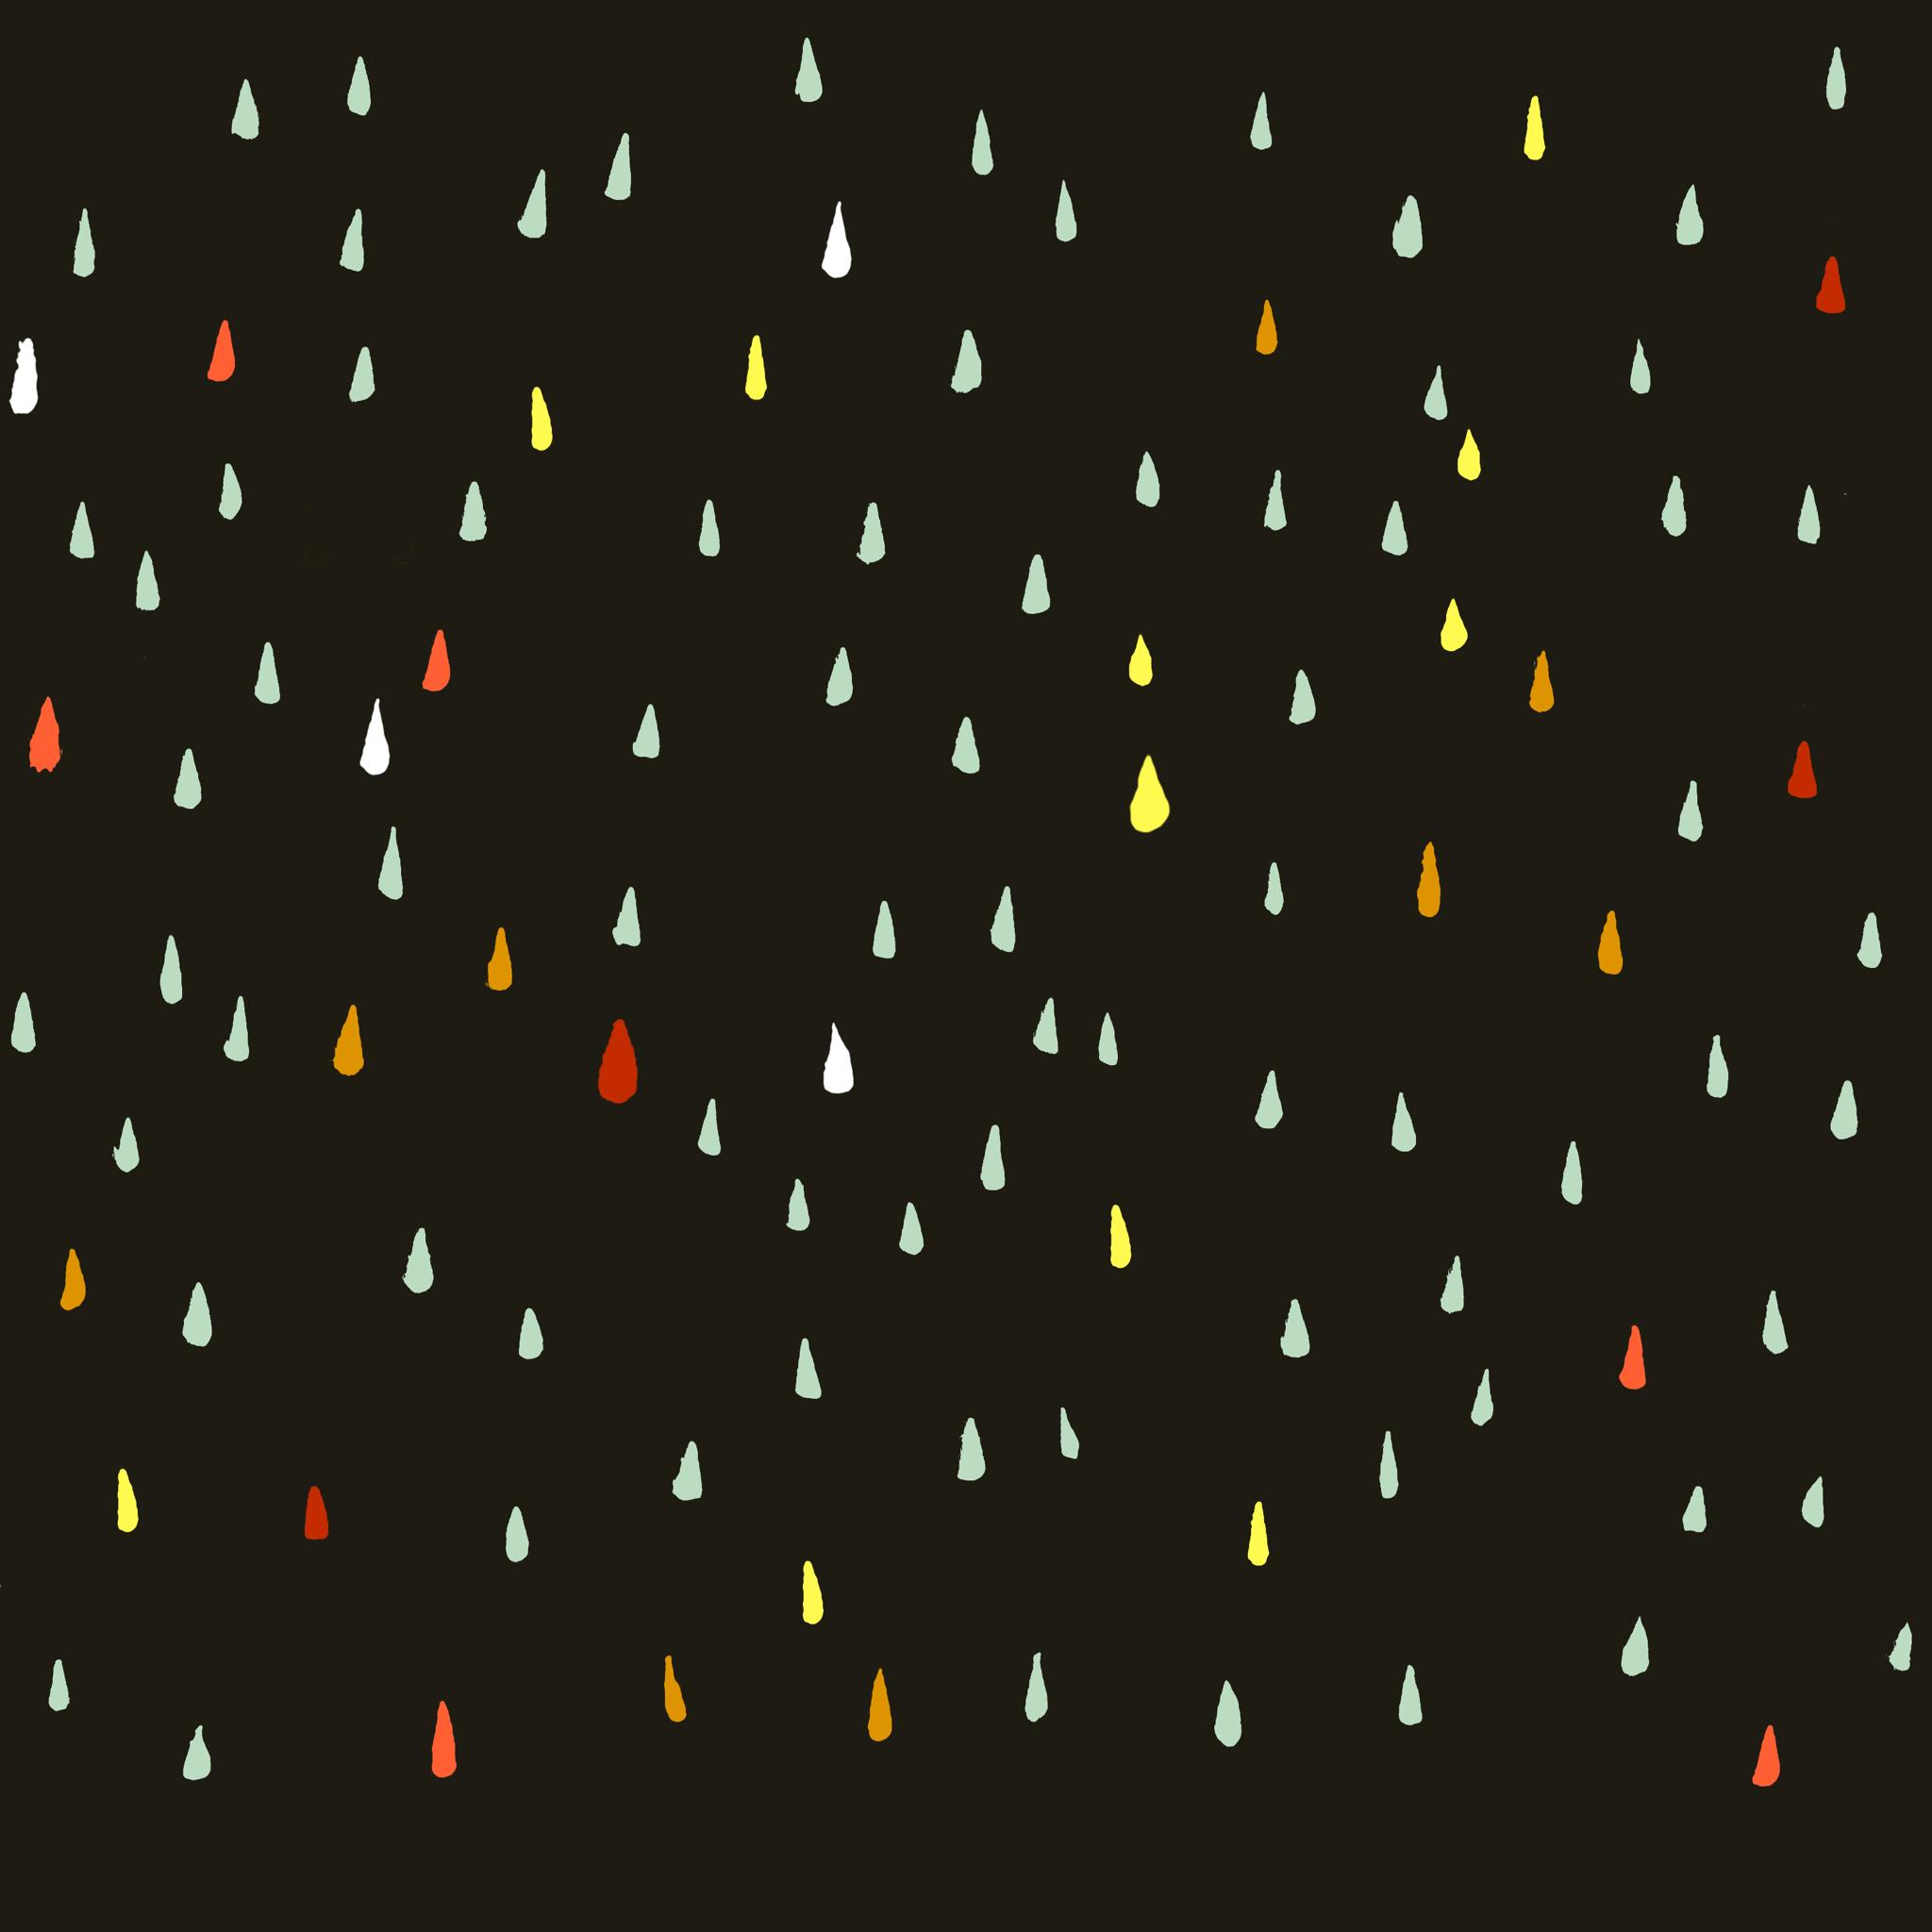 かわいい水玉模様の壁紙 Ramica